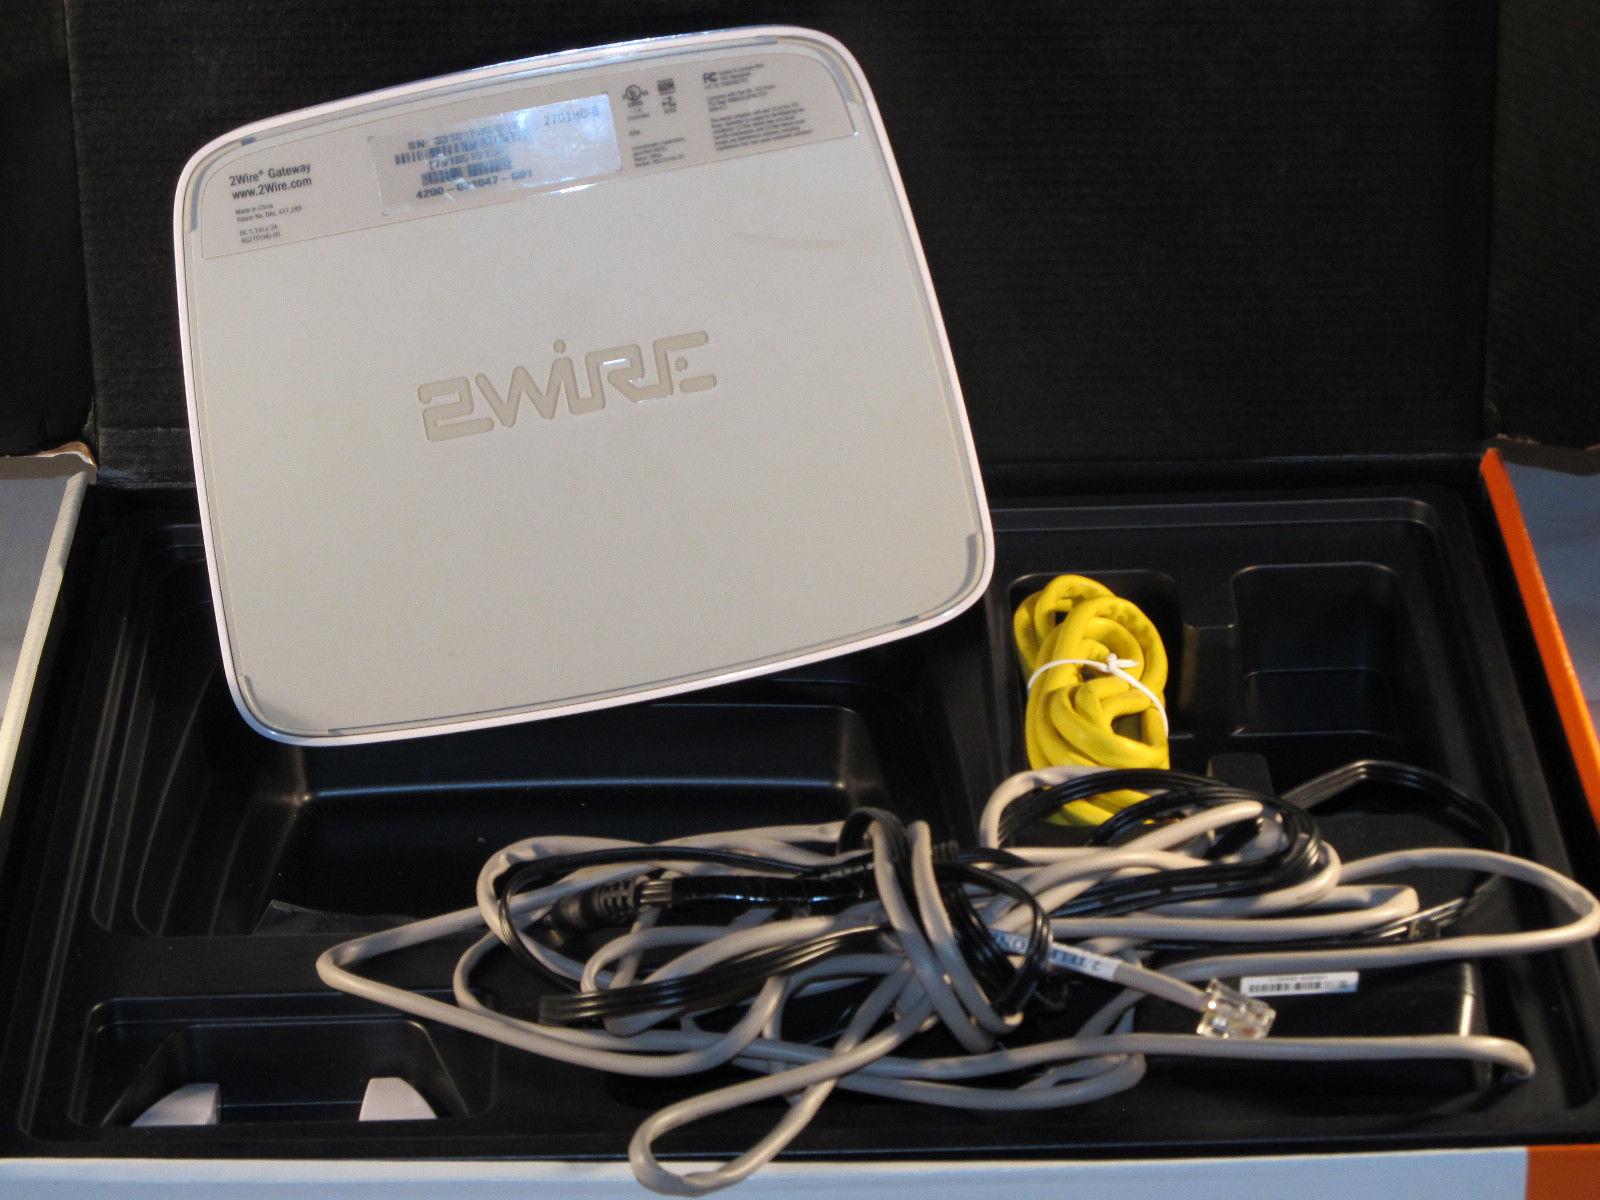 Att 2wire Gateway Modem - Wiring Diagram